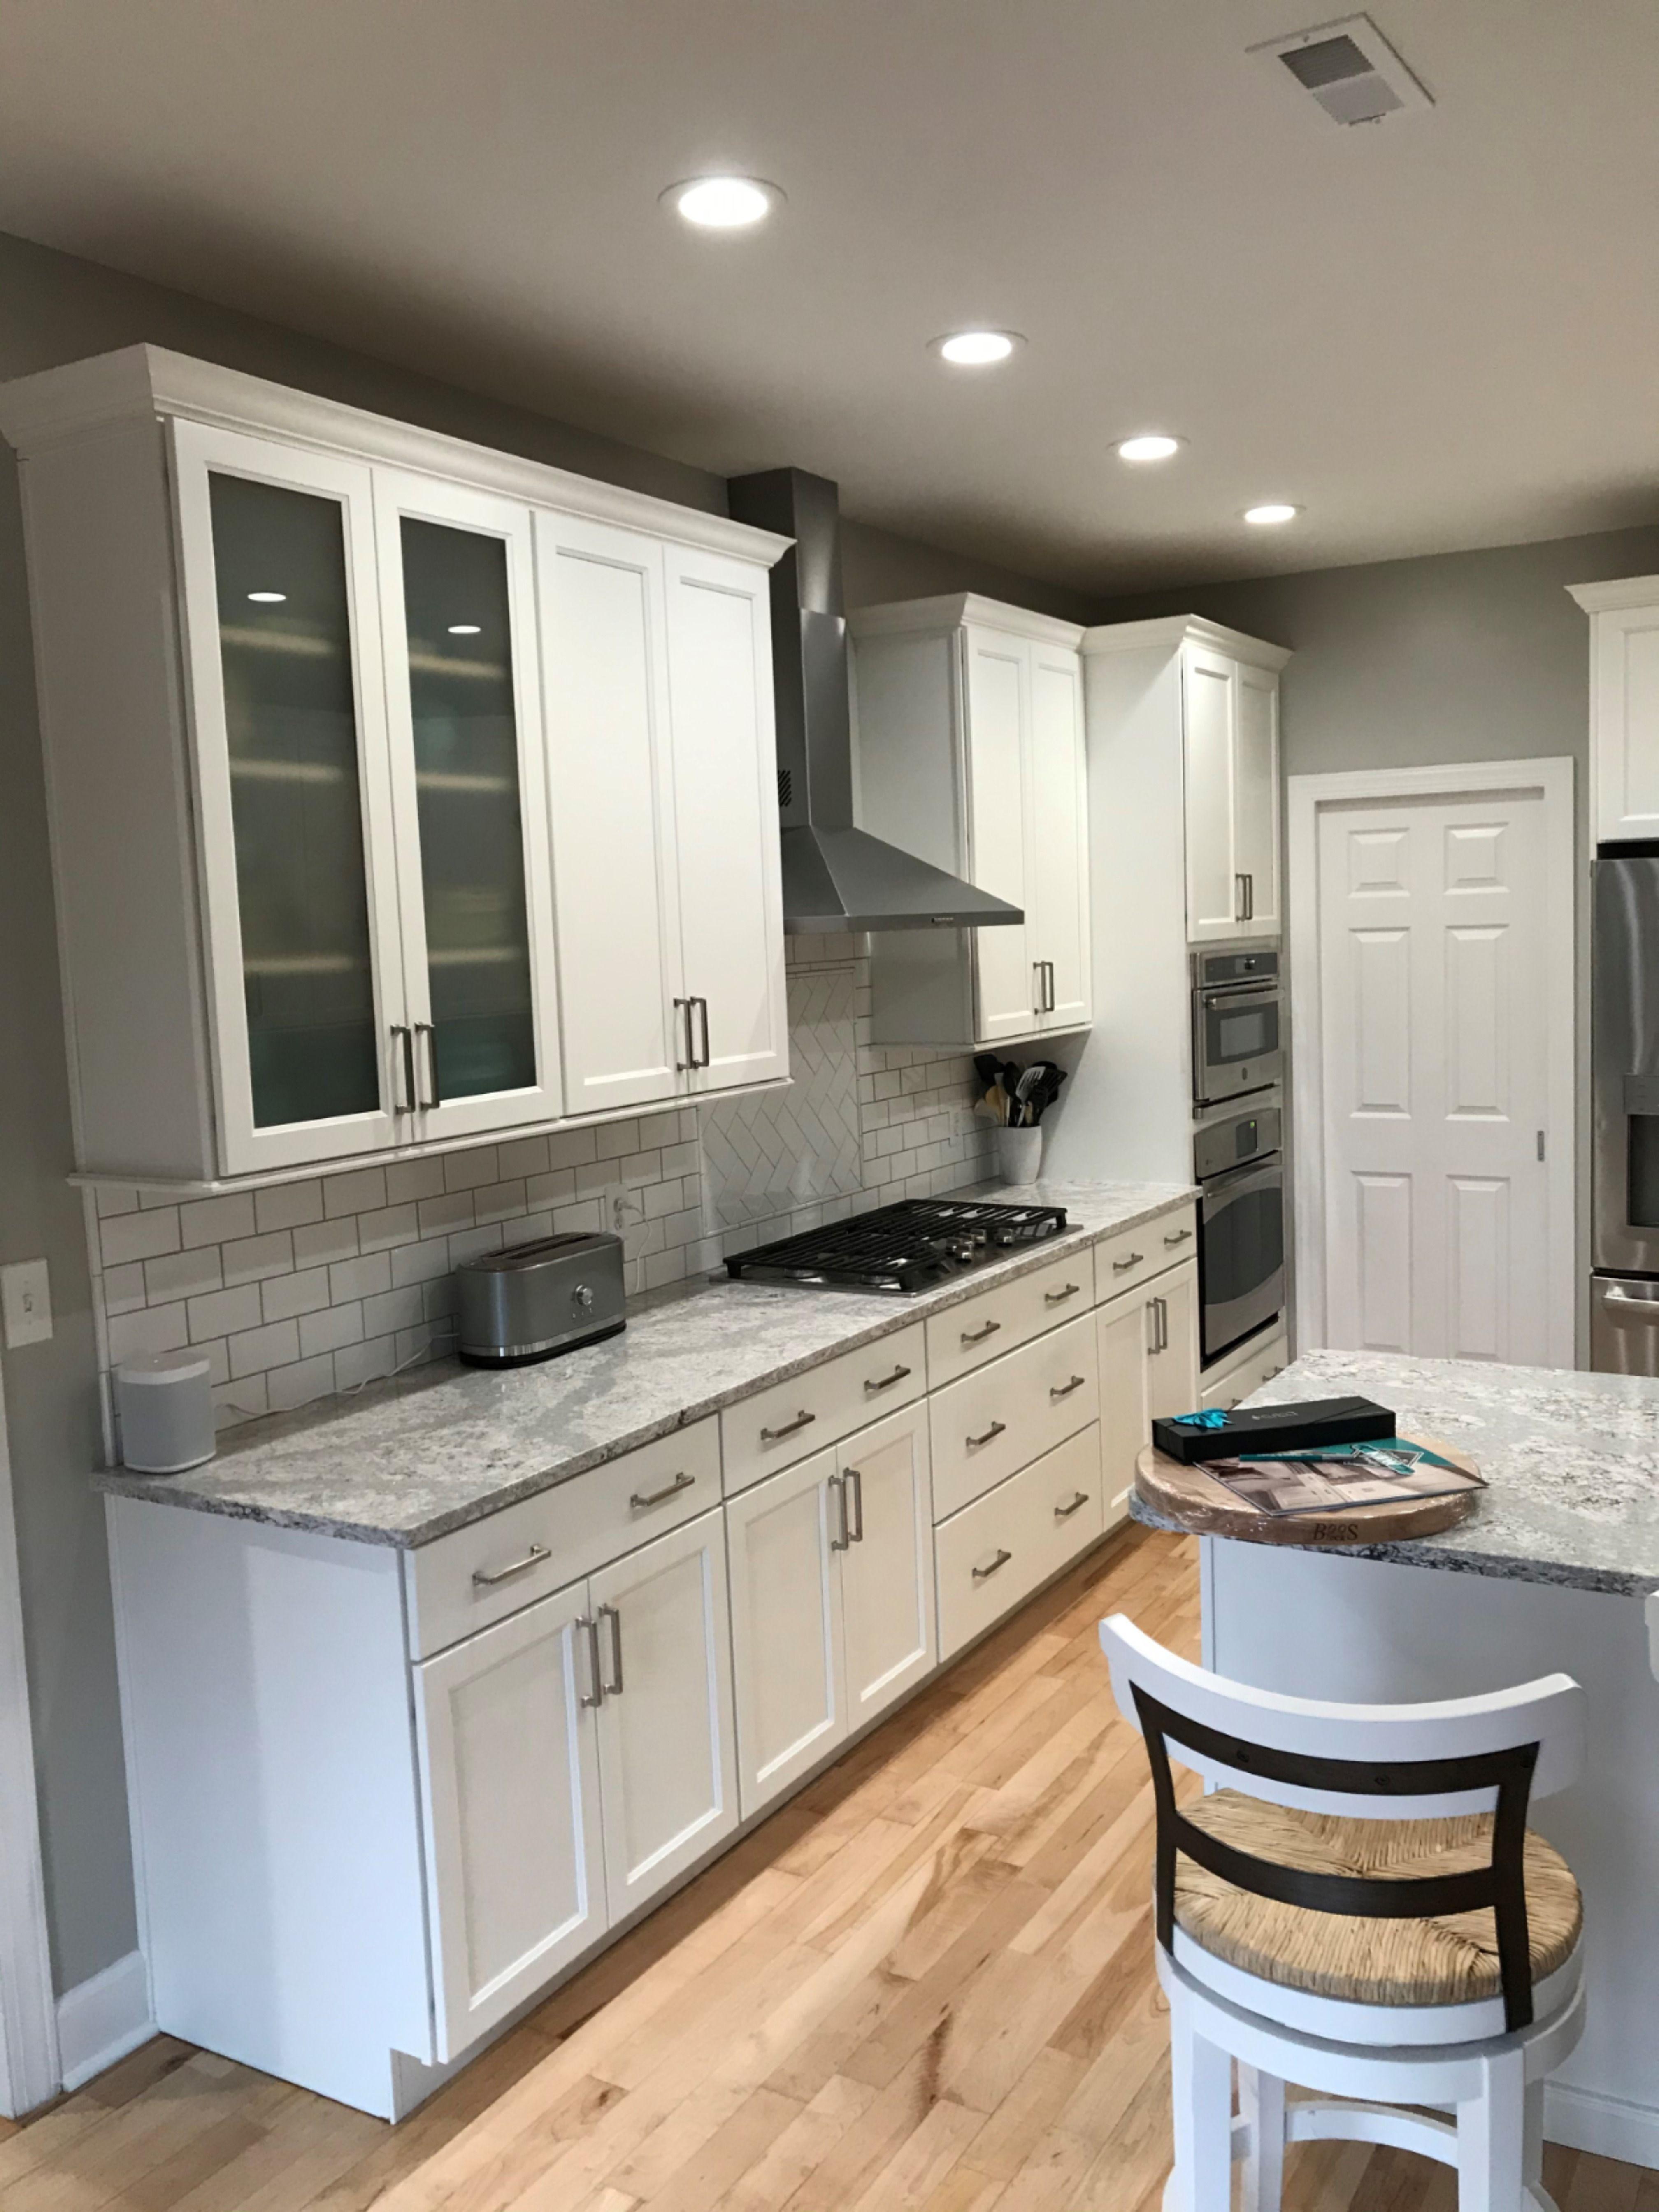 41 Kitchen Remodel In 2020 Kitchen Cabinet Design Kitchen Remodel Kitchen Design